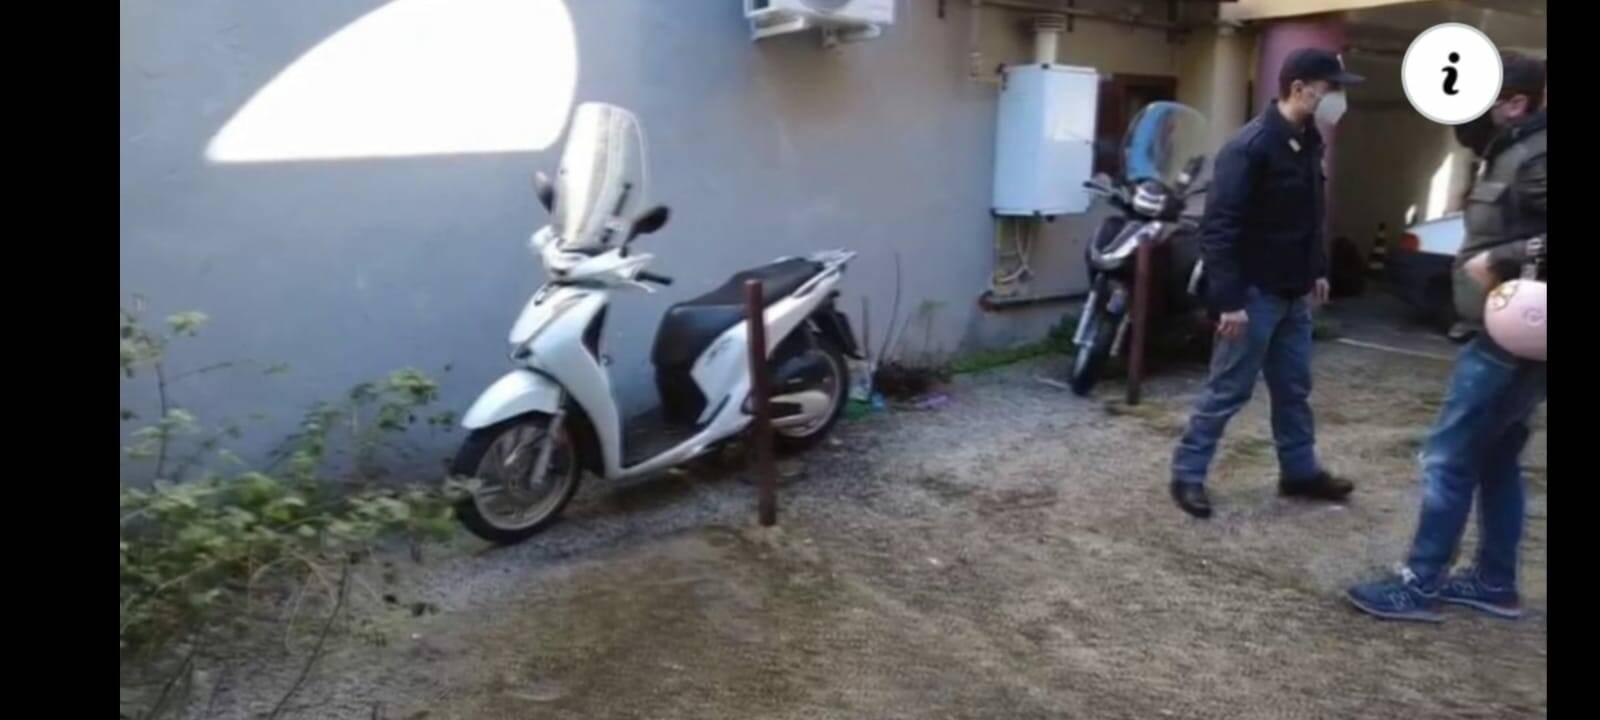 foto scooter ritrovato